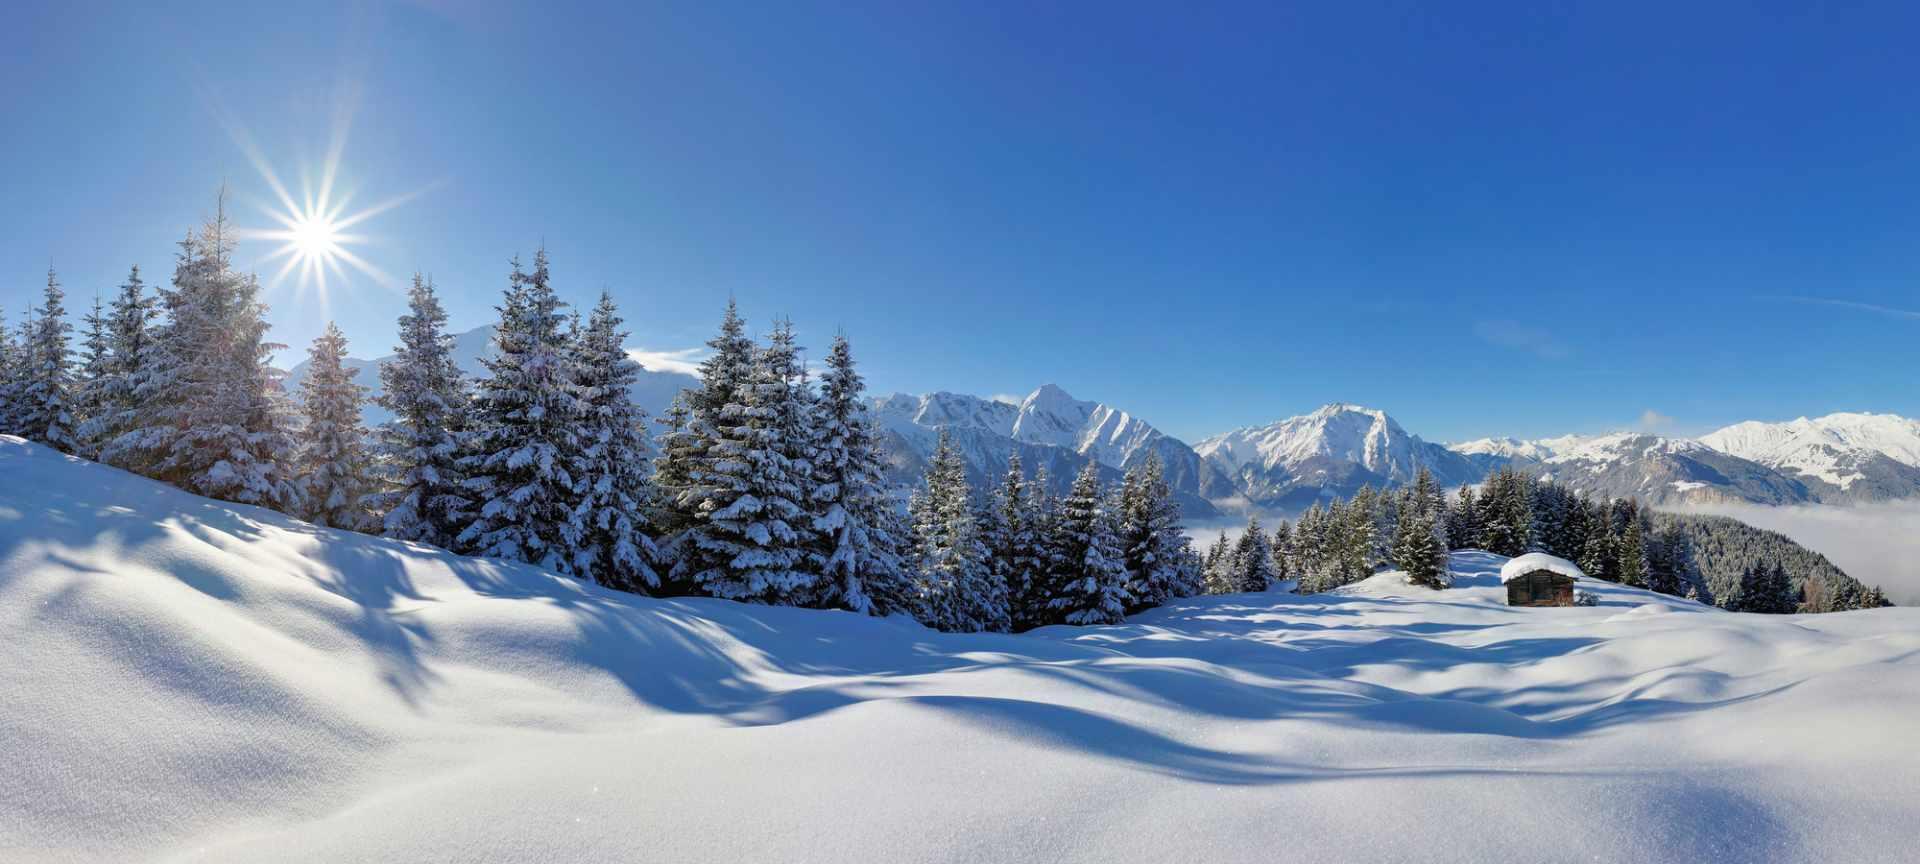 Genieße die verschneite Winterlandschaft im Zillertal